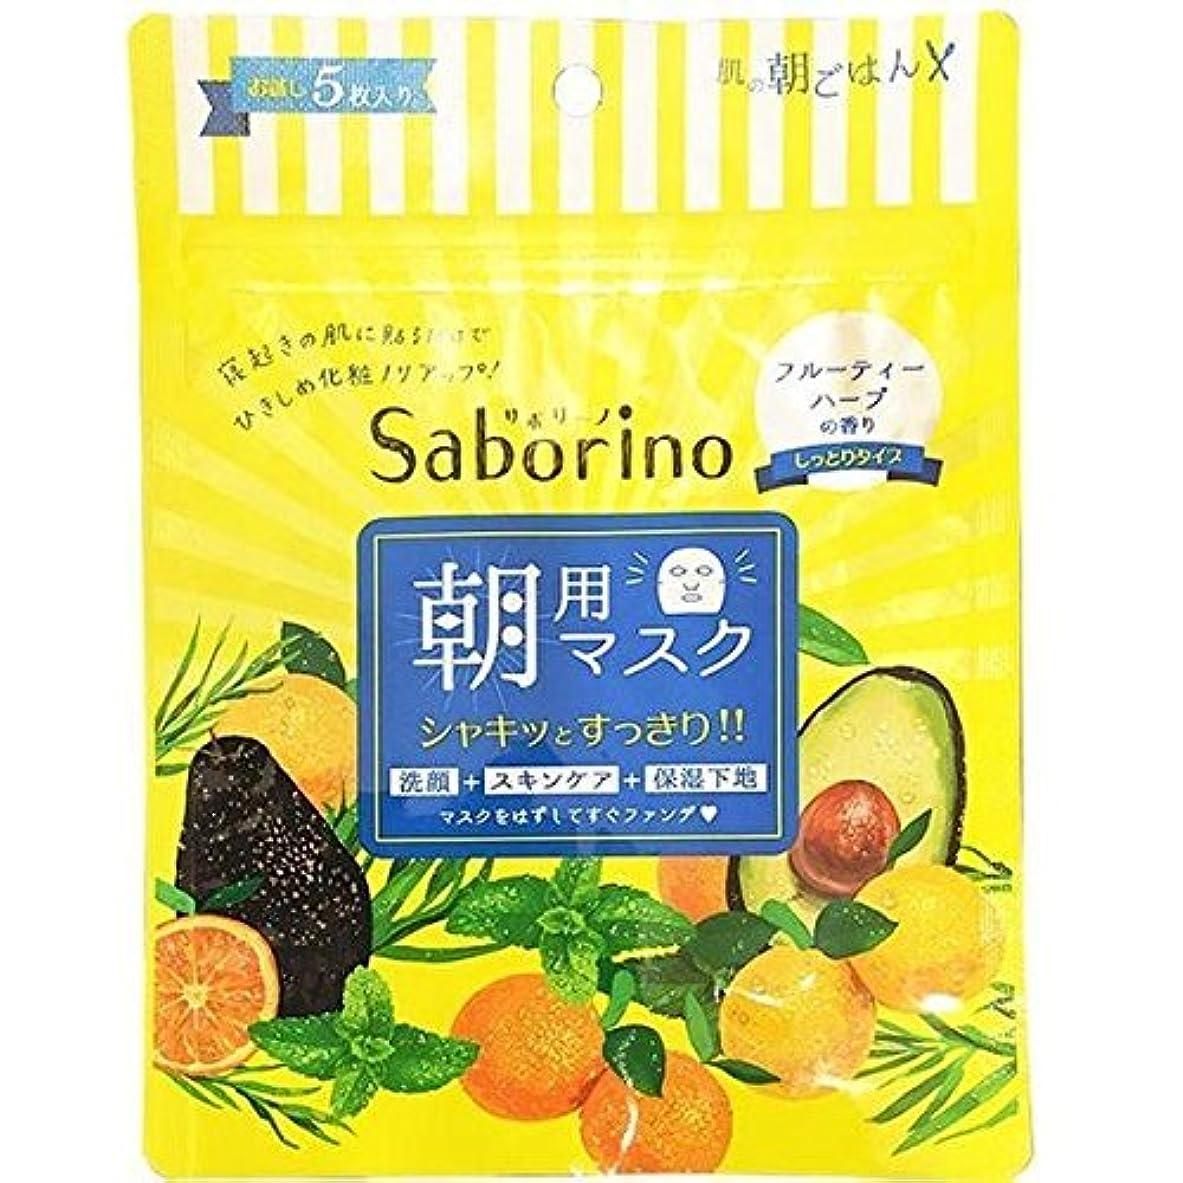 トンネルバイナリ届けるSaborino(サボリーノ)  目ざまシート(5枚入)